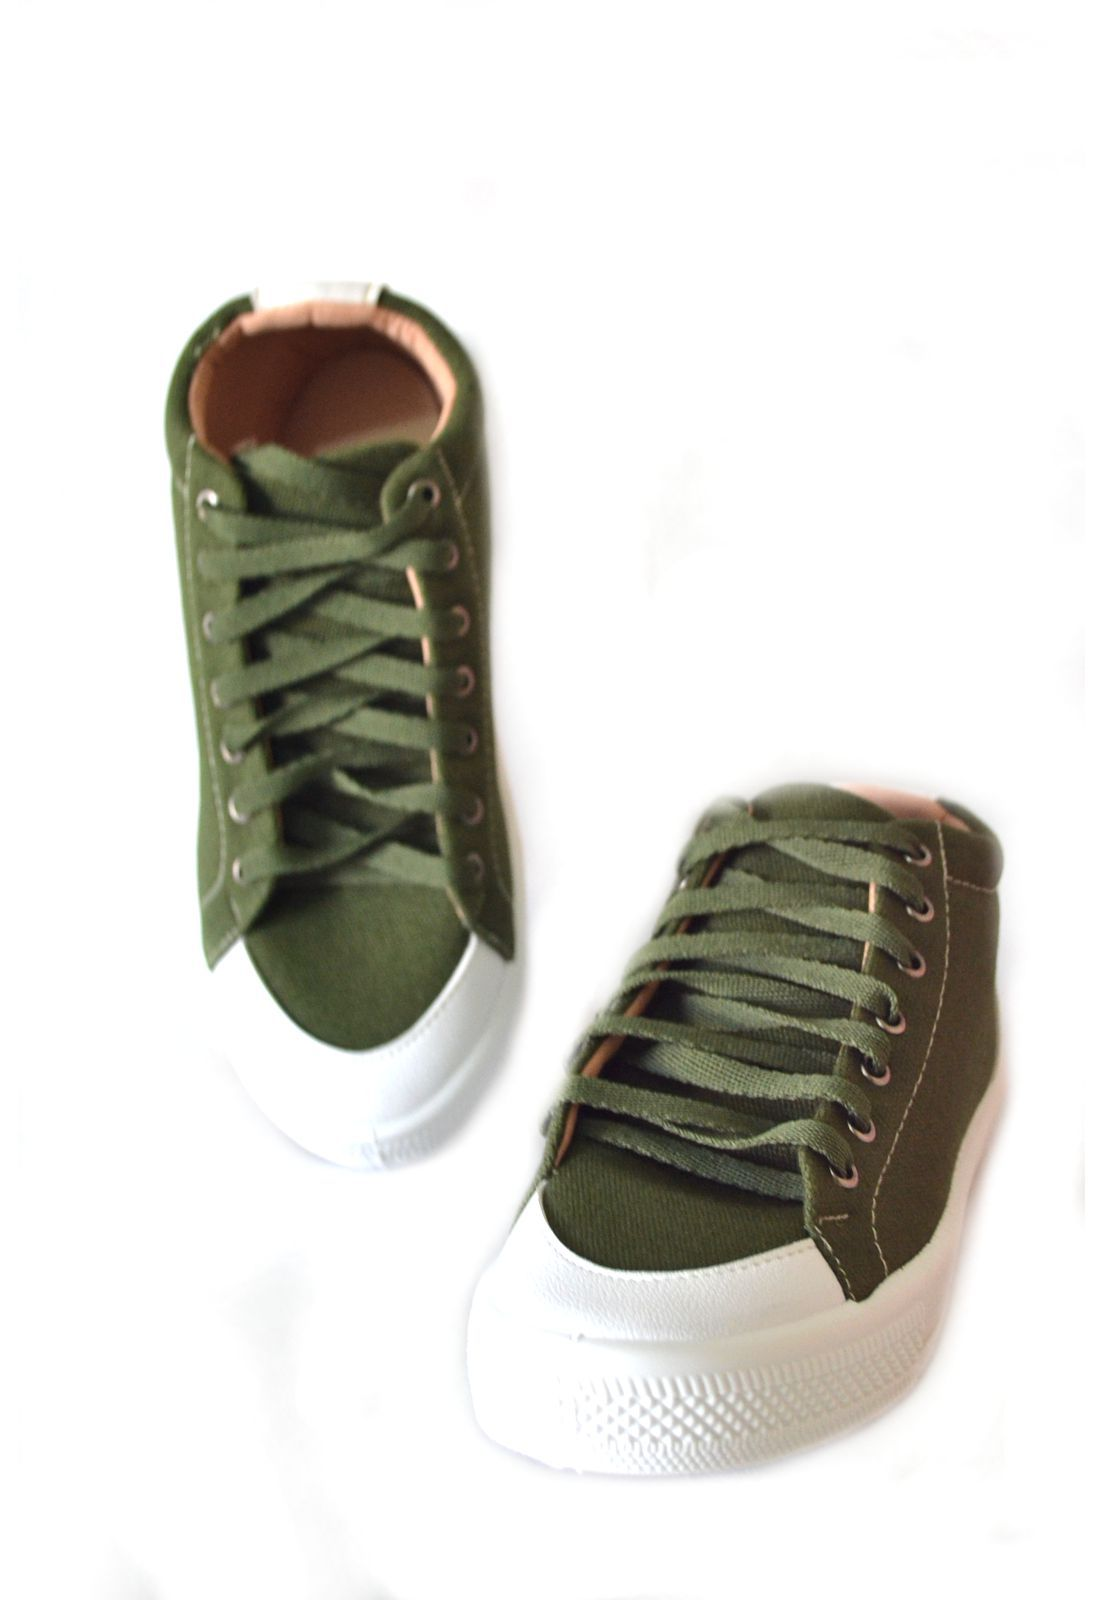 Tênis Feminino Botinha  Byara 1010307 Verde Militar